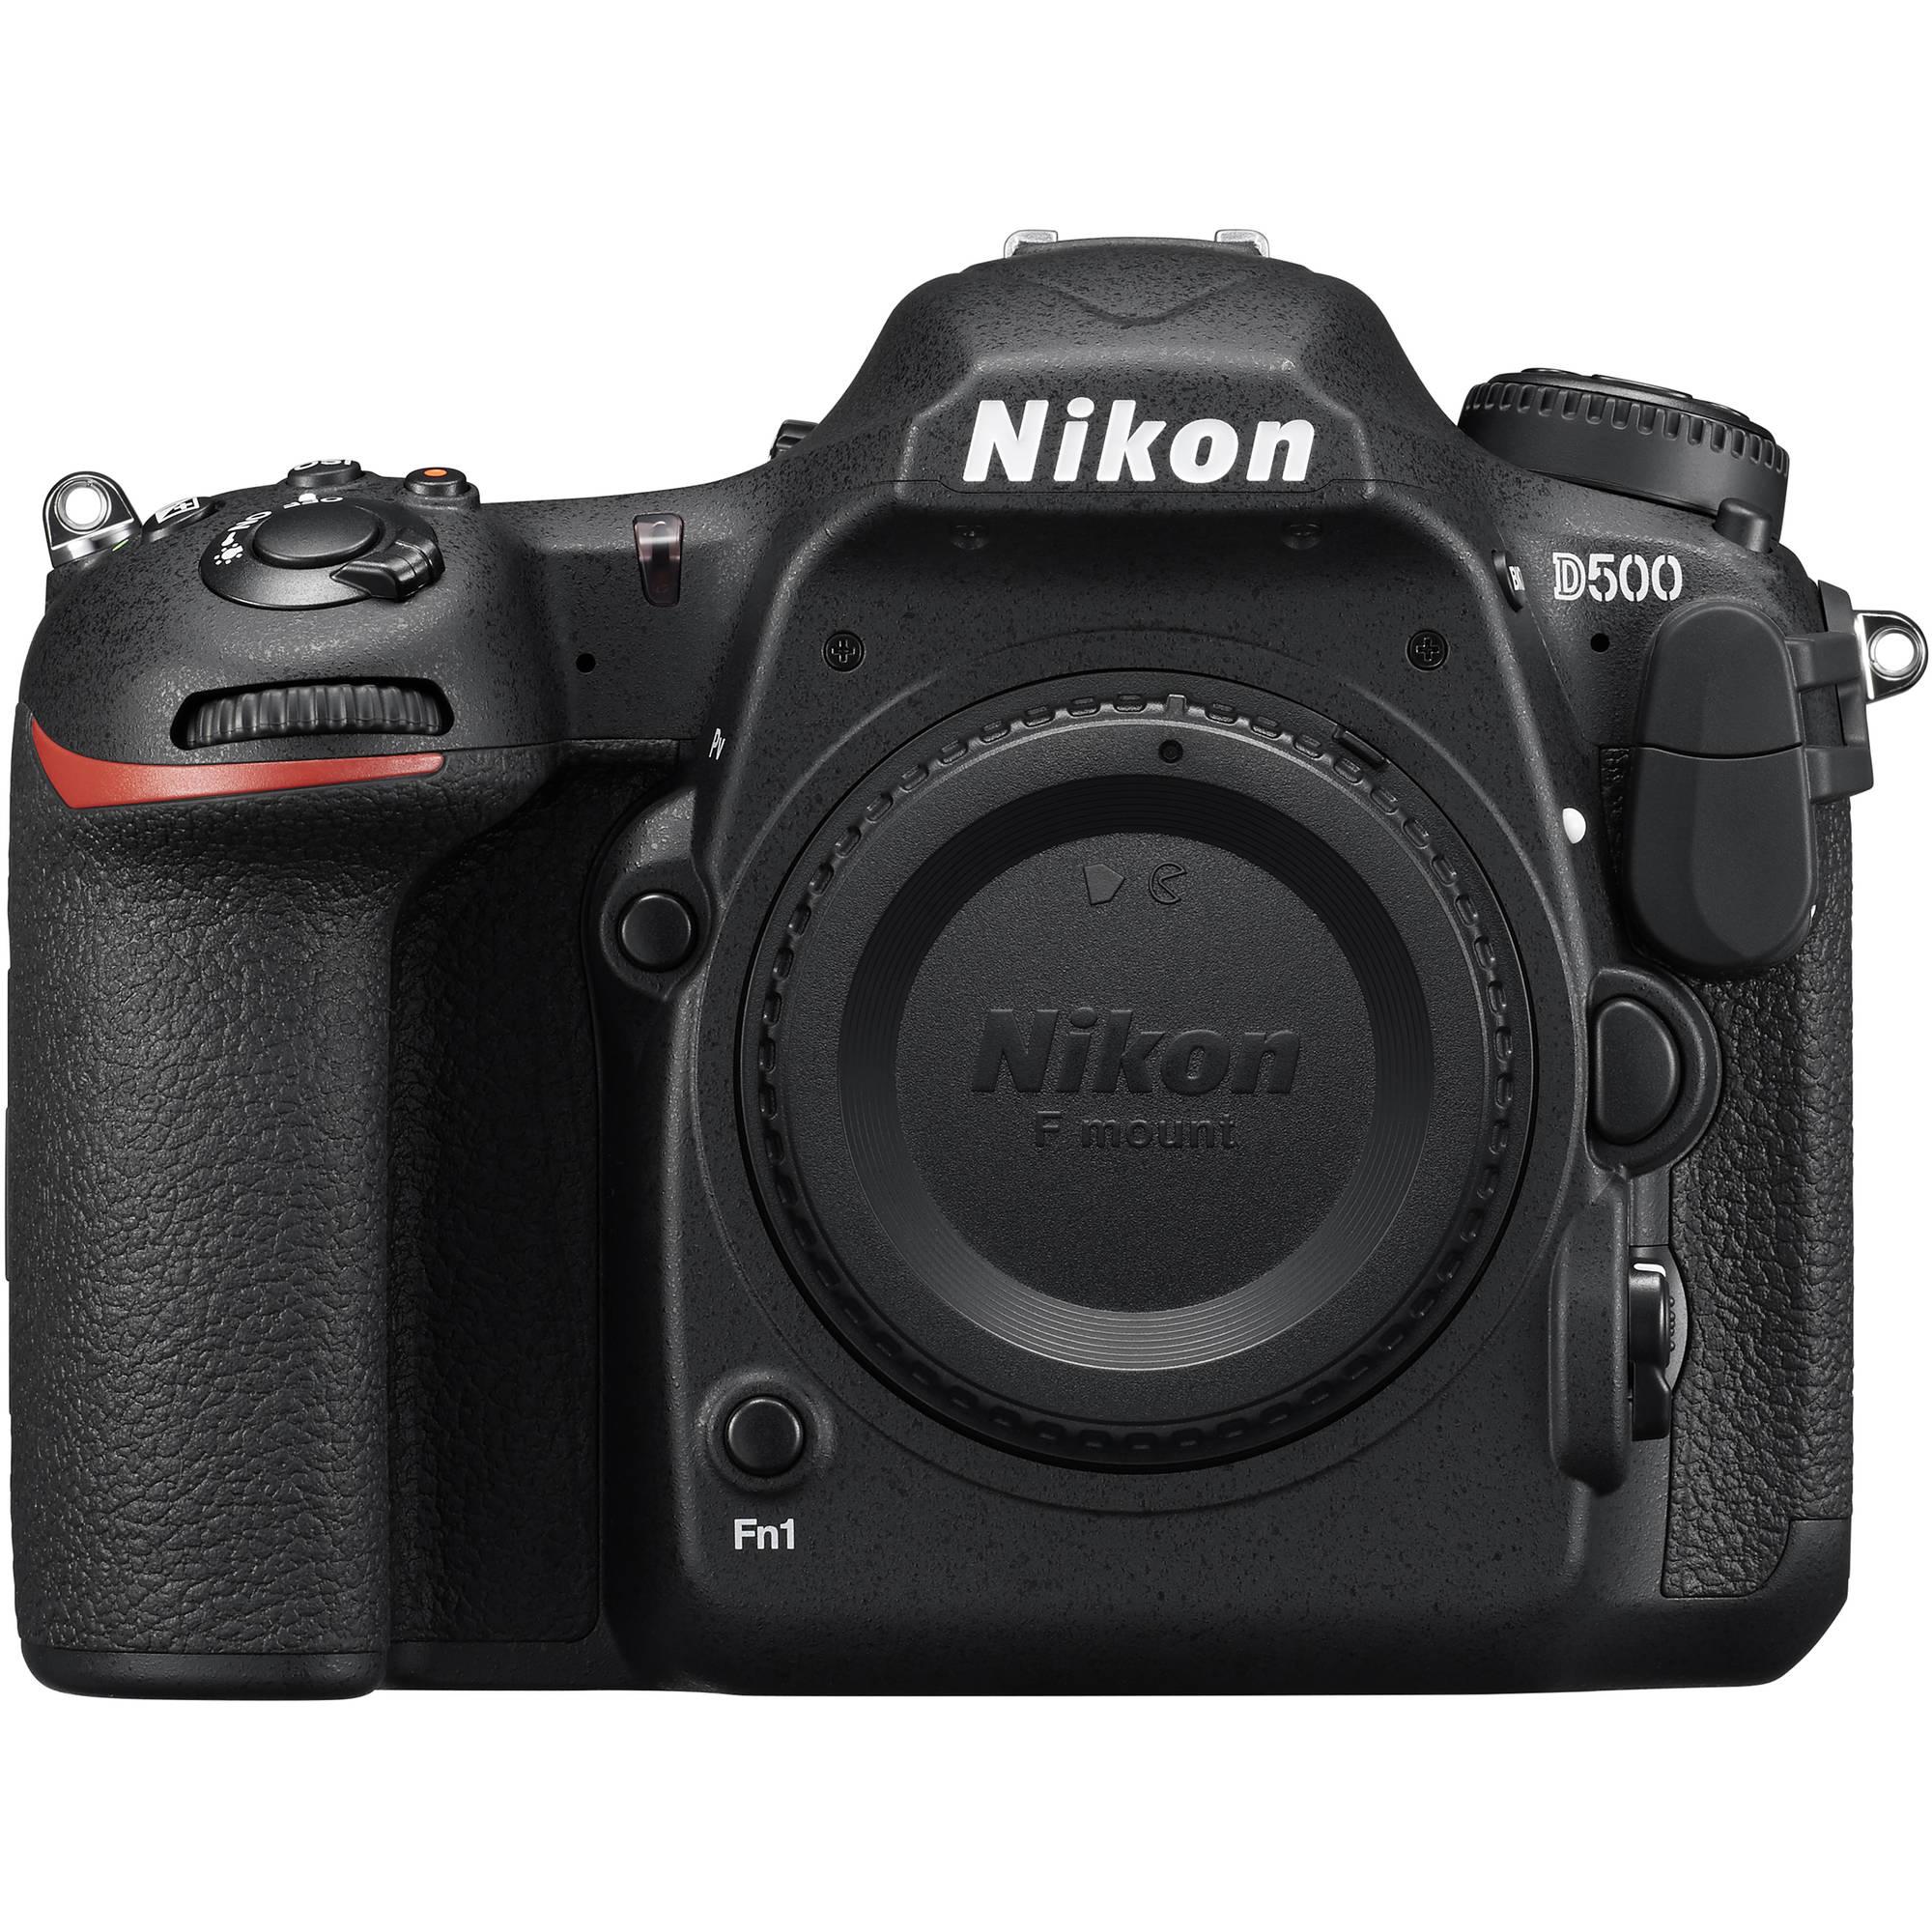 Nikon D500 DSLR Camera (D500 Body) 1559 B&H Photo